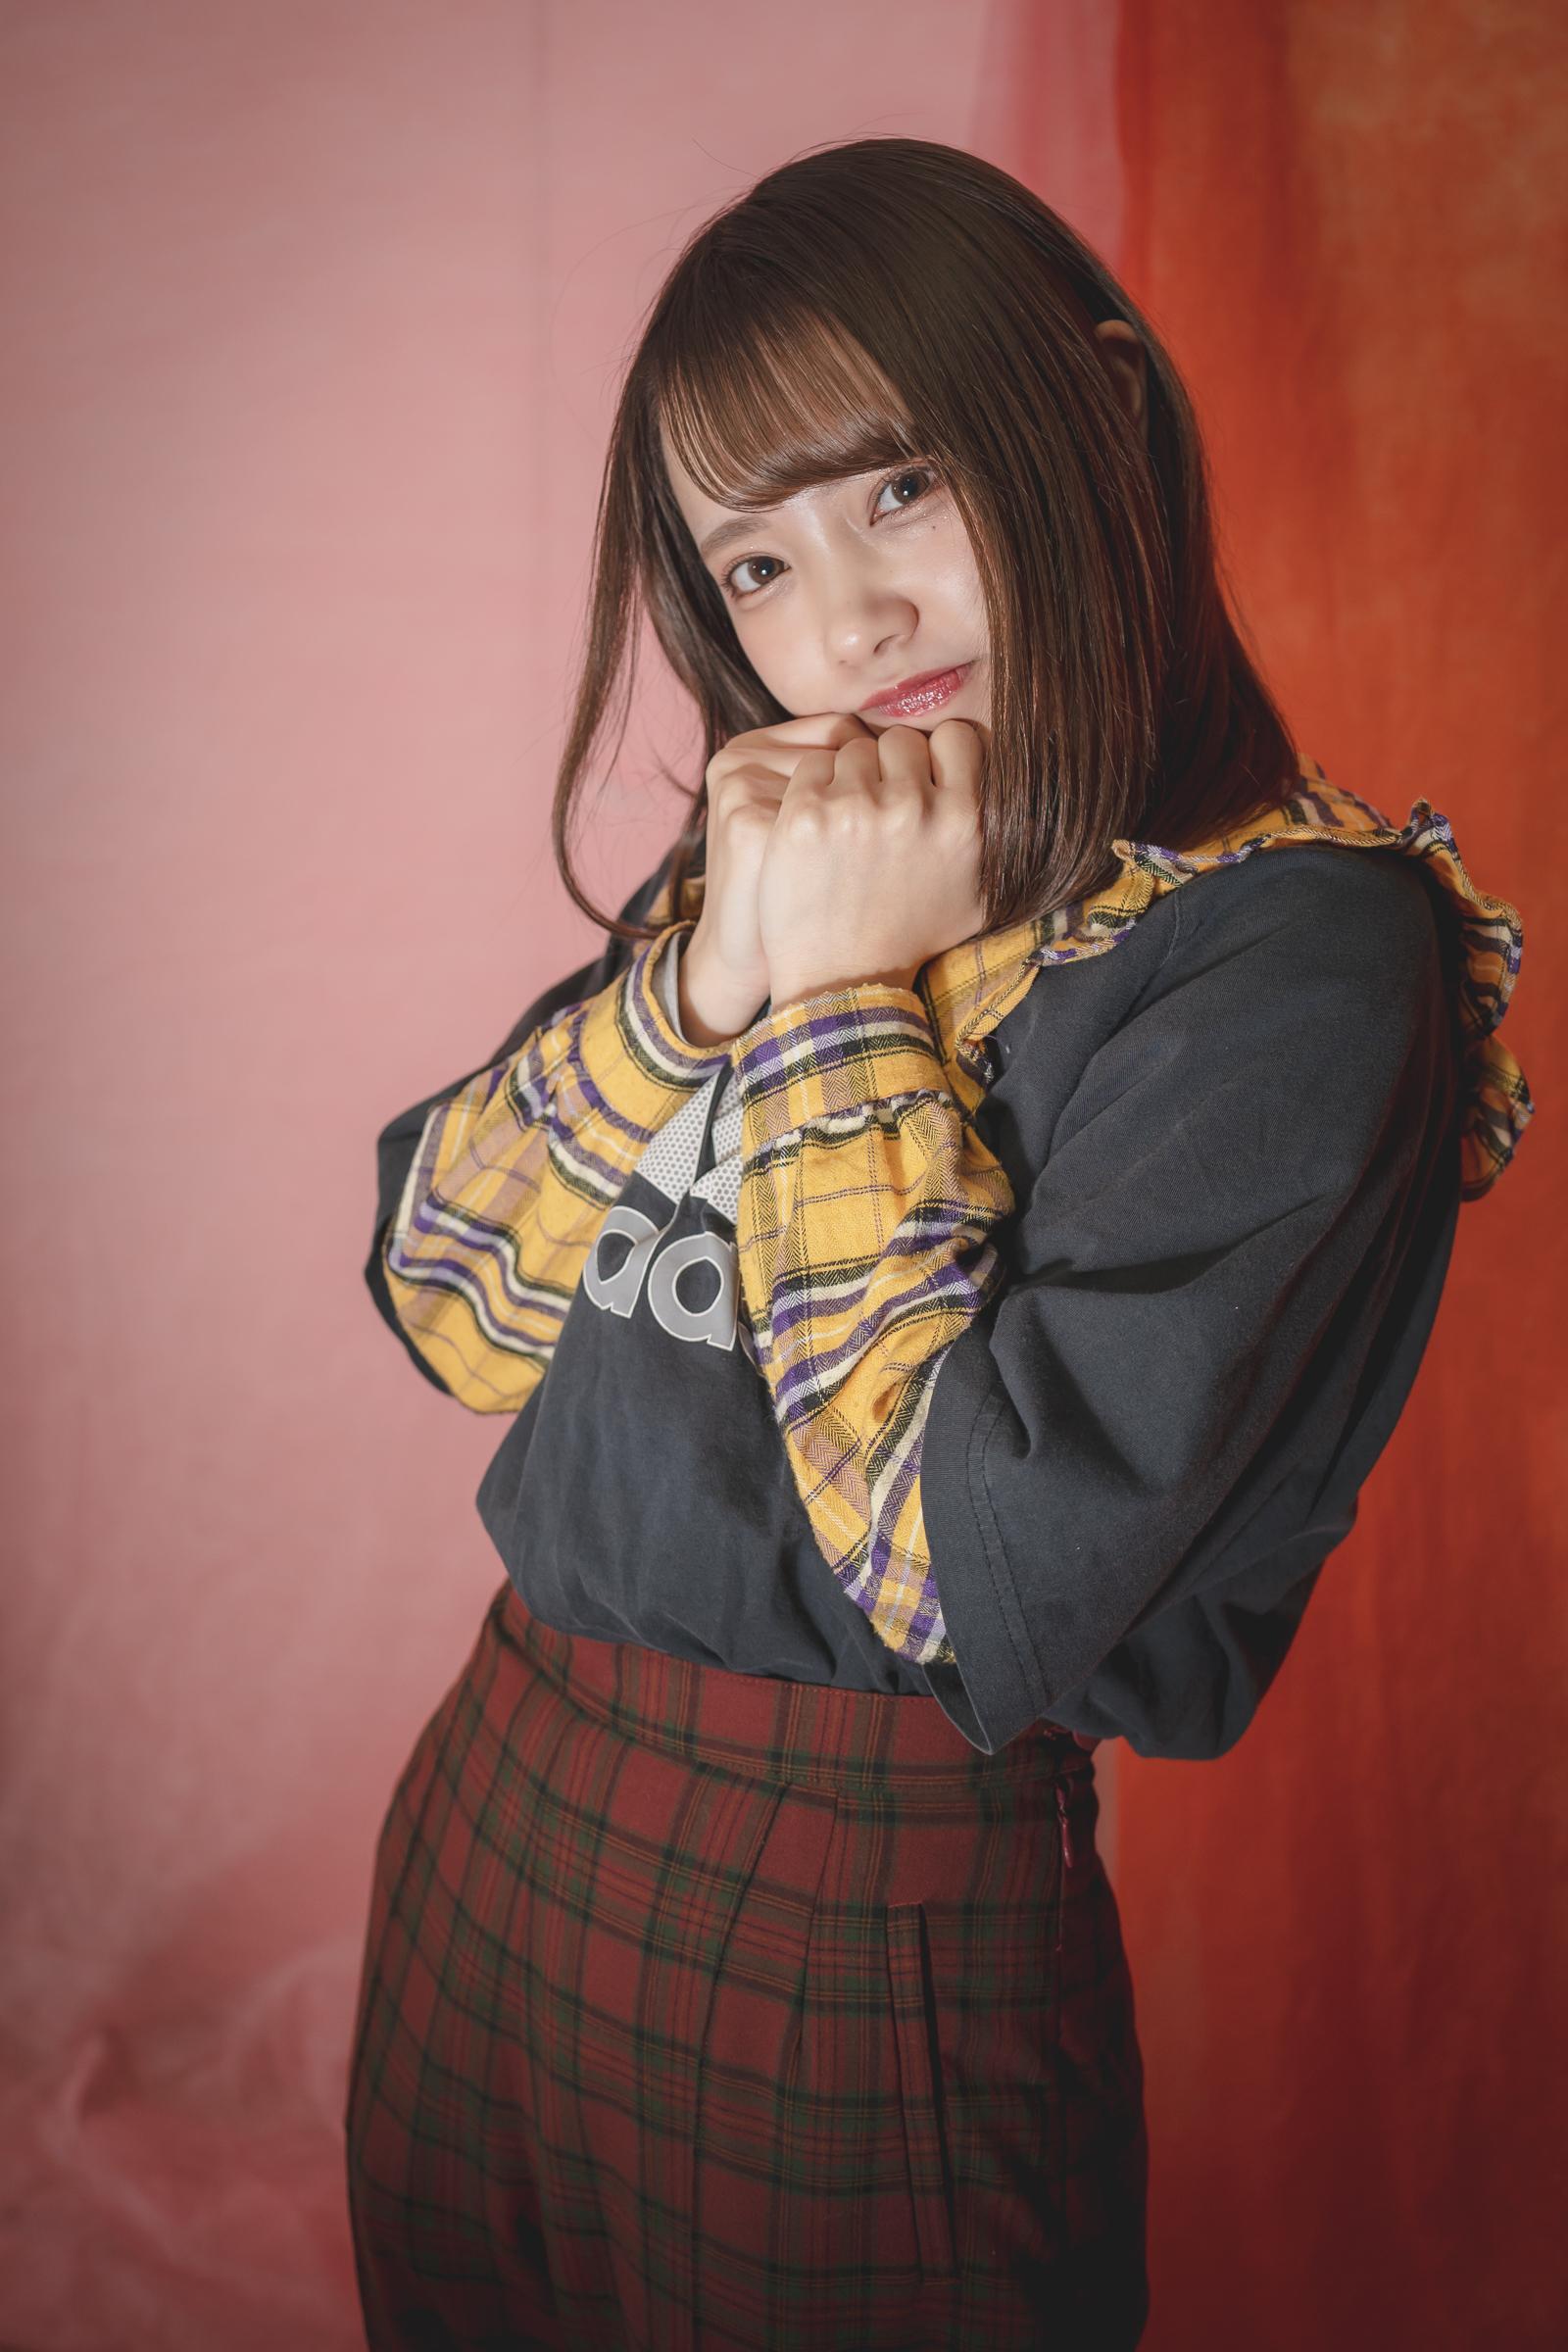 フルーティー♡ ゆあ ( 池田優愛 ) | SMP 札幌モデルプロ 撮影会